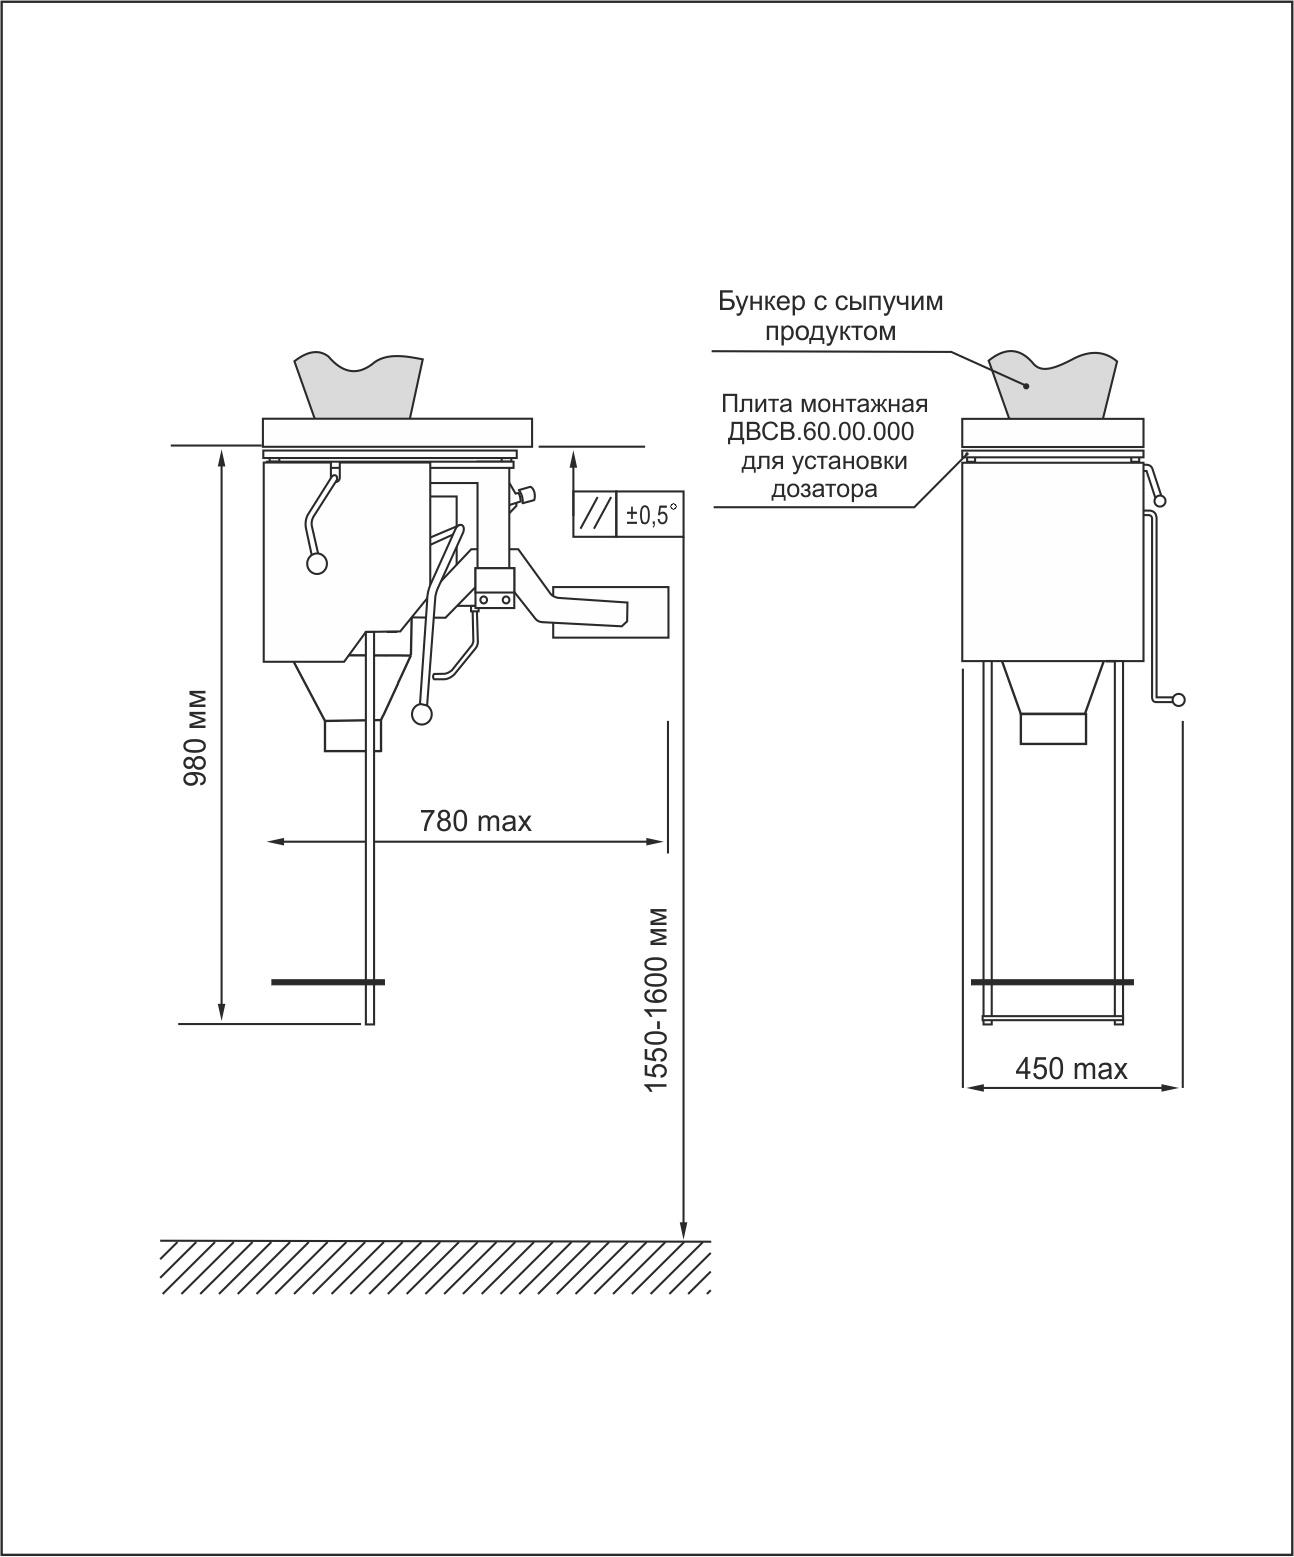 Схема установки ДВСВ-S